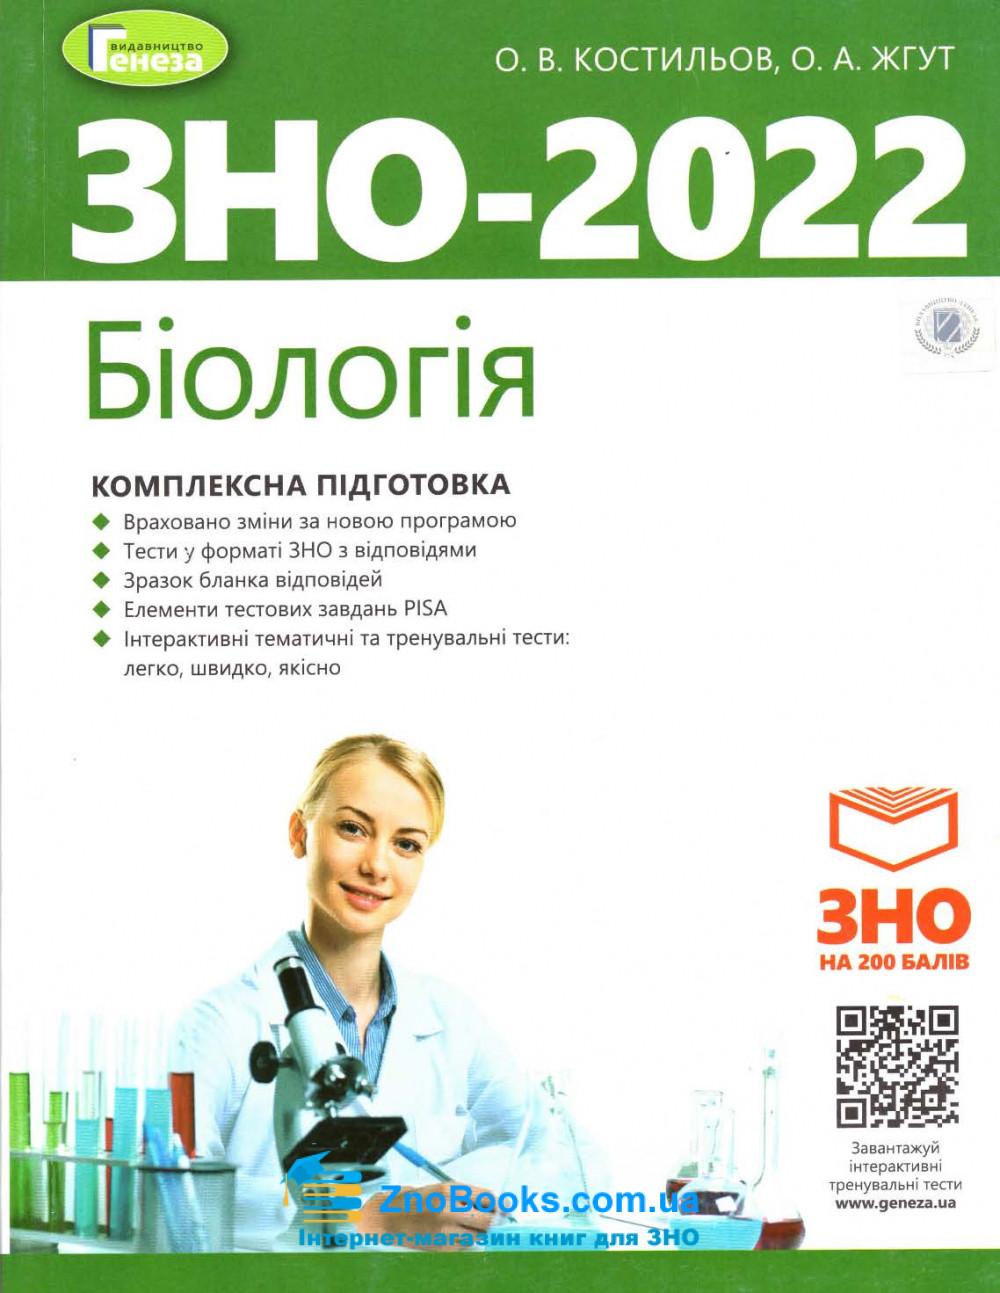 Біологія ЗНО 2022. Комплексна підготовка + онлайн тренування : Костильов О., Жгут О. Генеза. купити 0